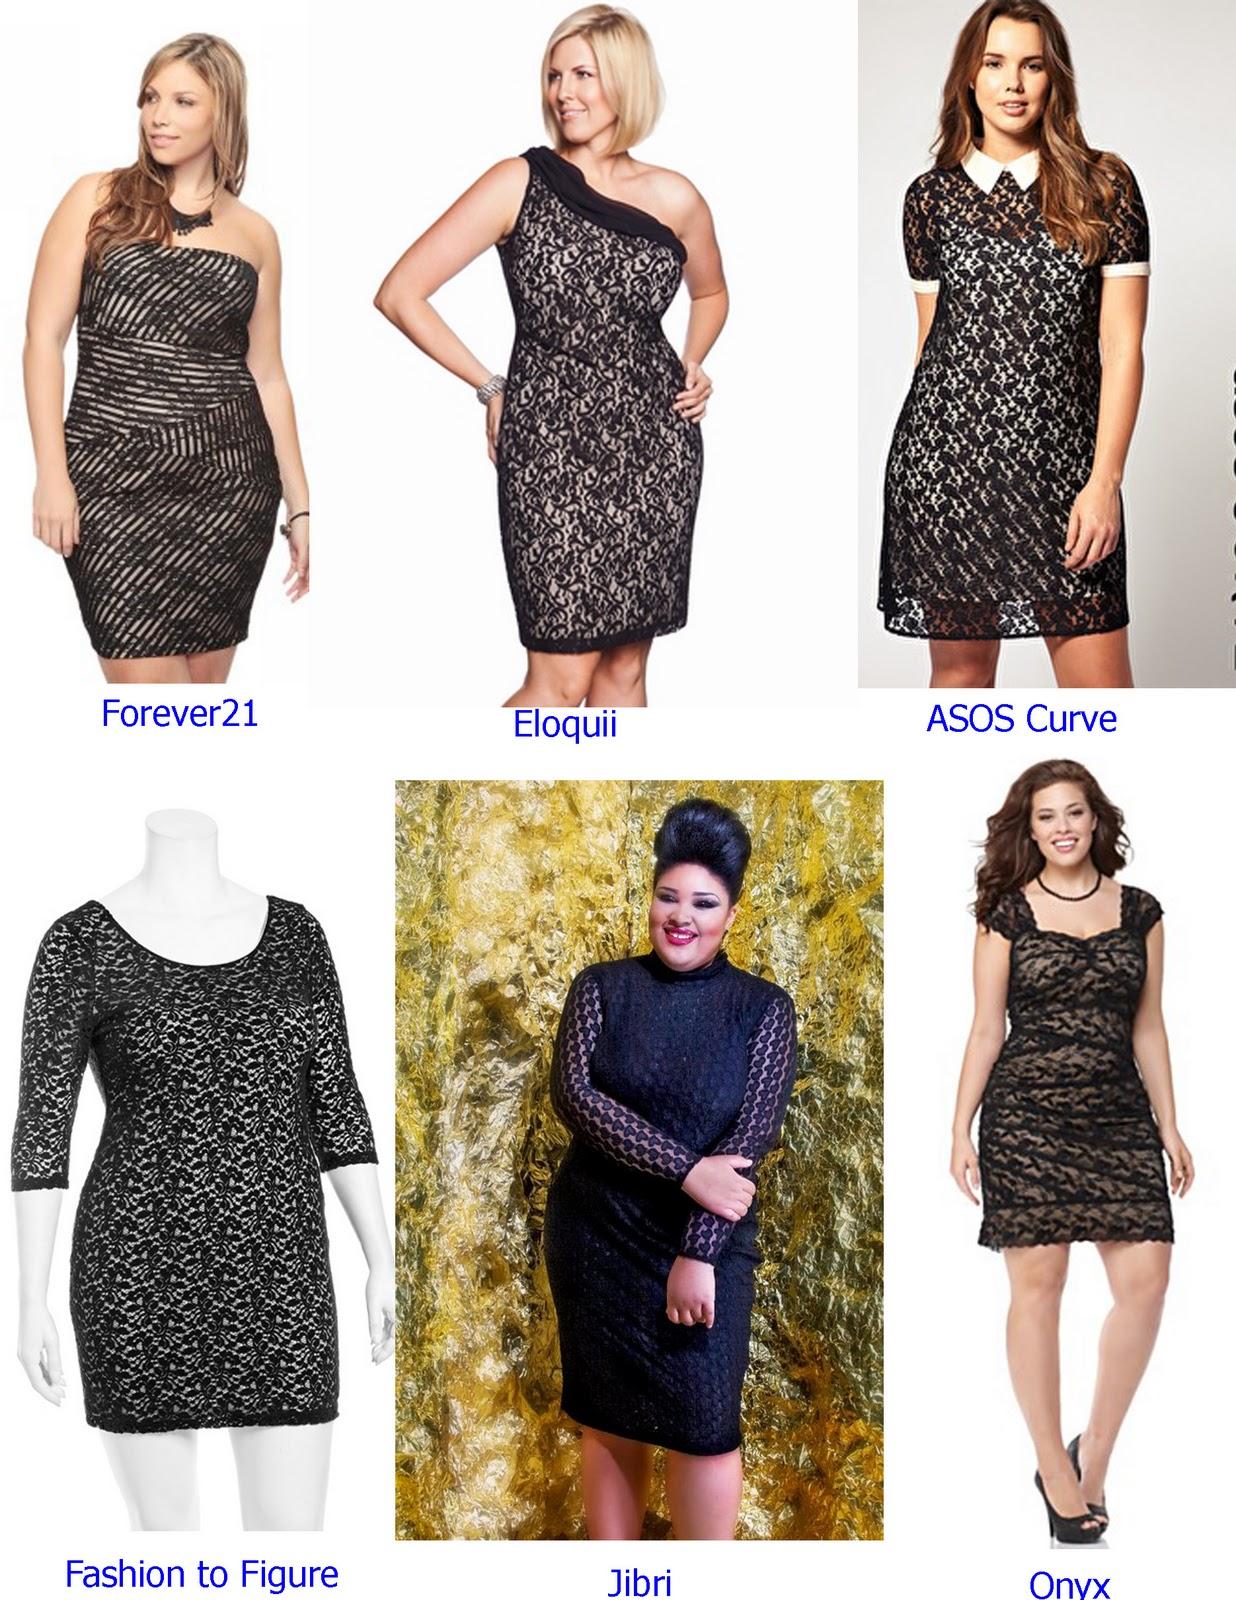 http://2.bp.blogspot.com/-CJsXhohSBrw/Ttex4DdUjKI/AAAAAAAAKW4/BBcEVkLw3xY/s1600/lace+dresses.jpg